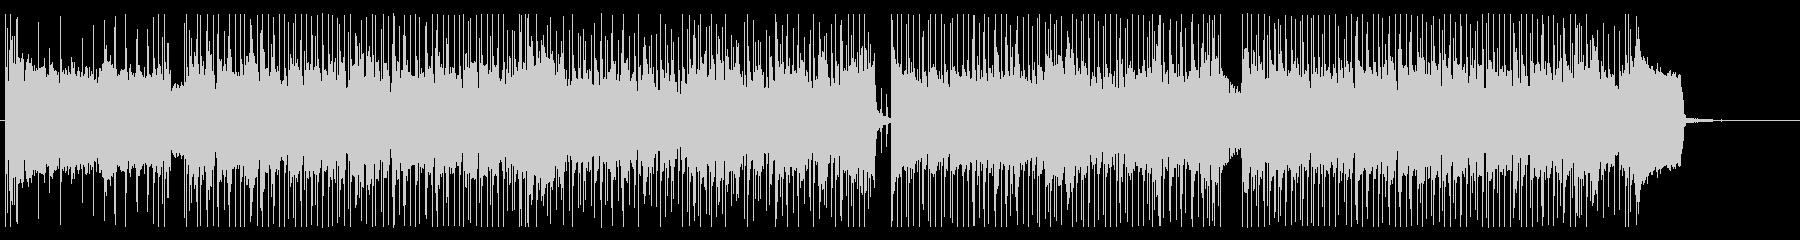 クレイジーなリズムのメタルリフBGMの未再生の波形